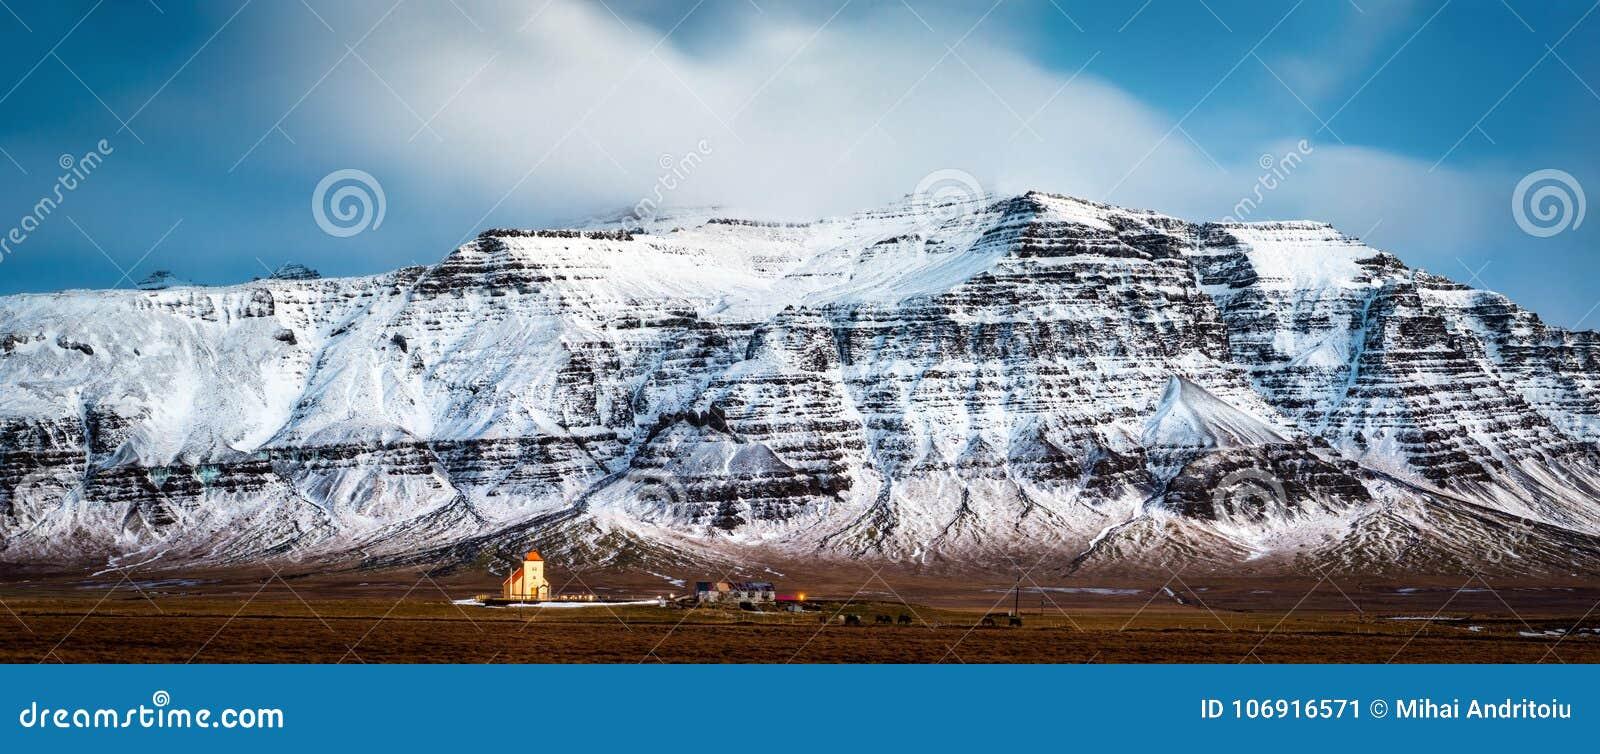 Mały icelandic kościół pod śnieg nakrywać górami